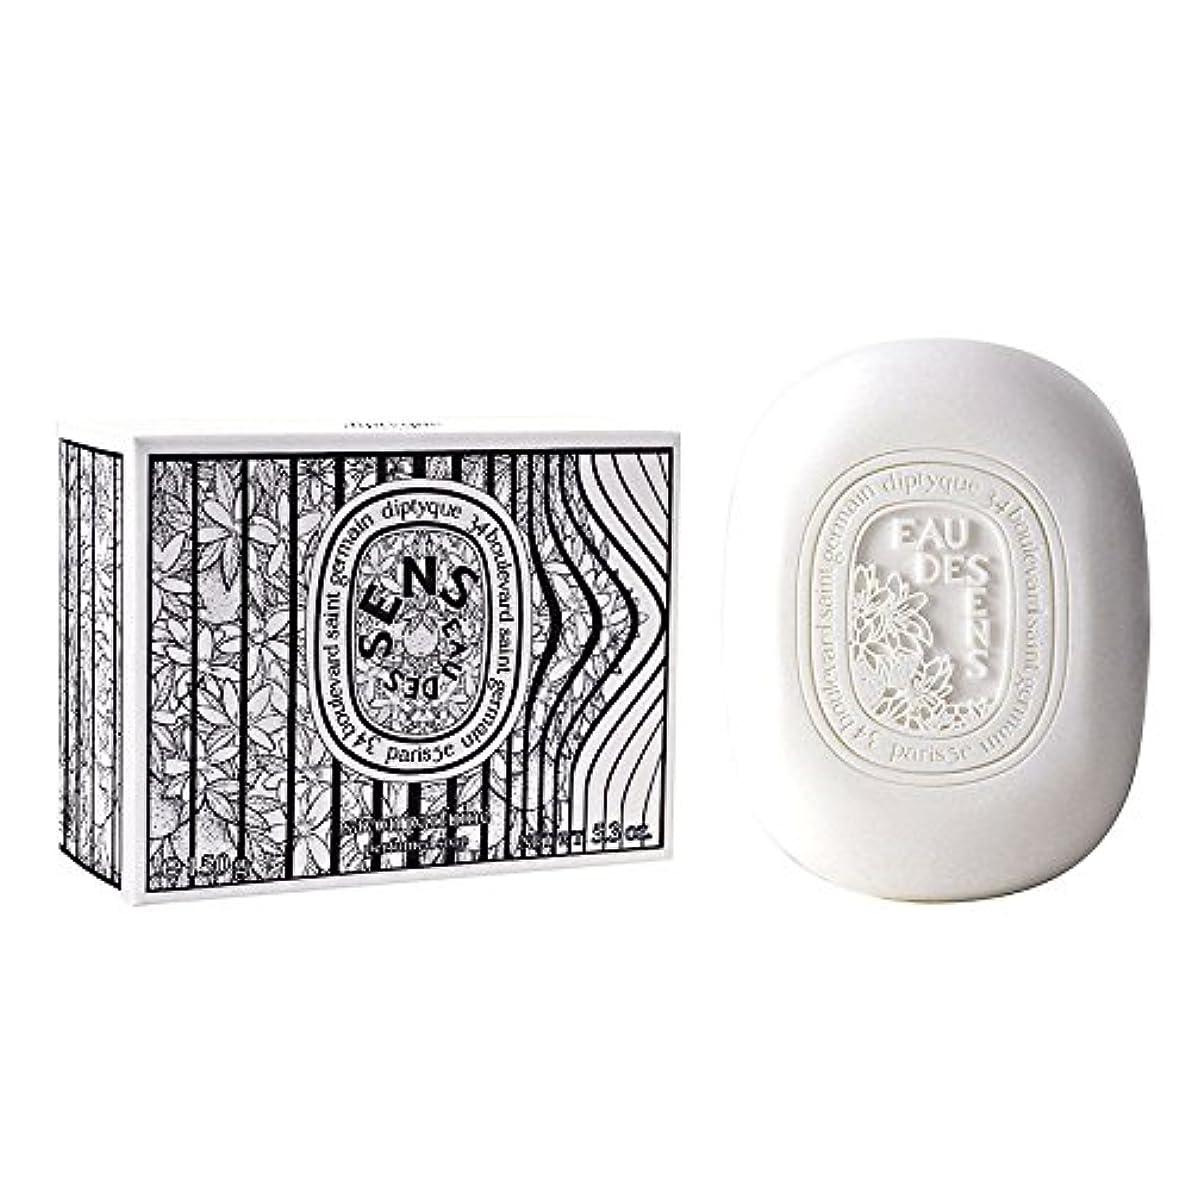 残る発送頑丈Diptyque Eau Des Sens (ディプティック オー デ センス) 150g Soap (石けん) for Women